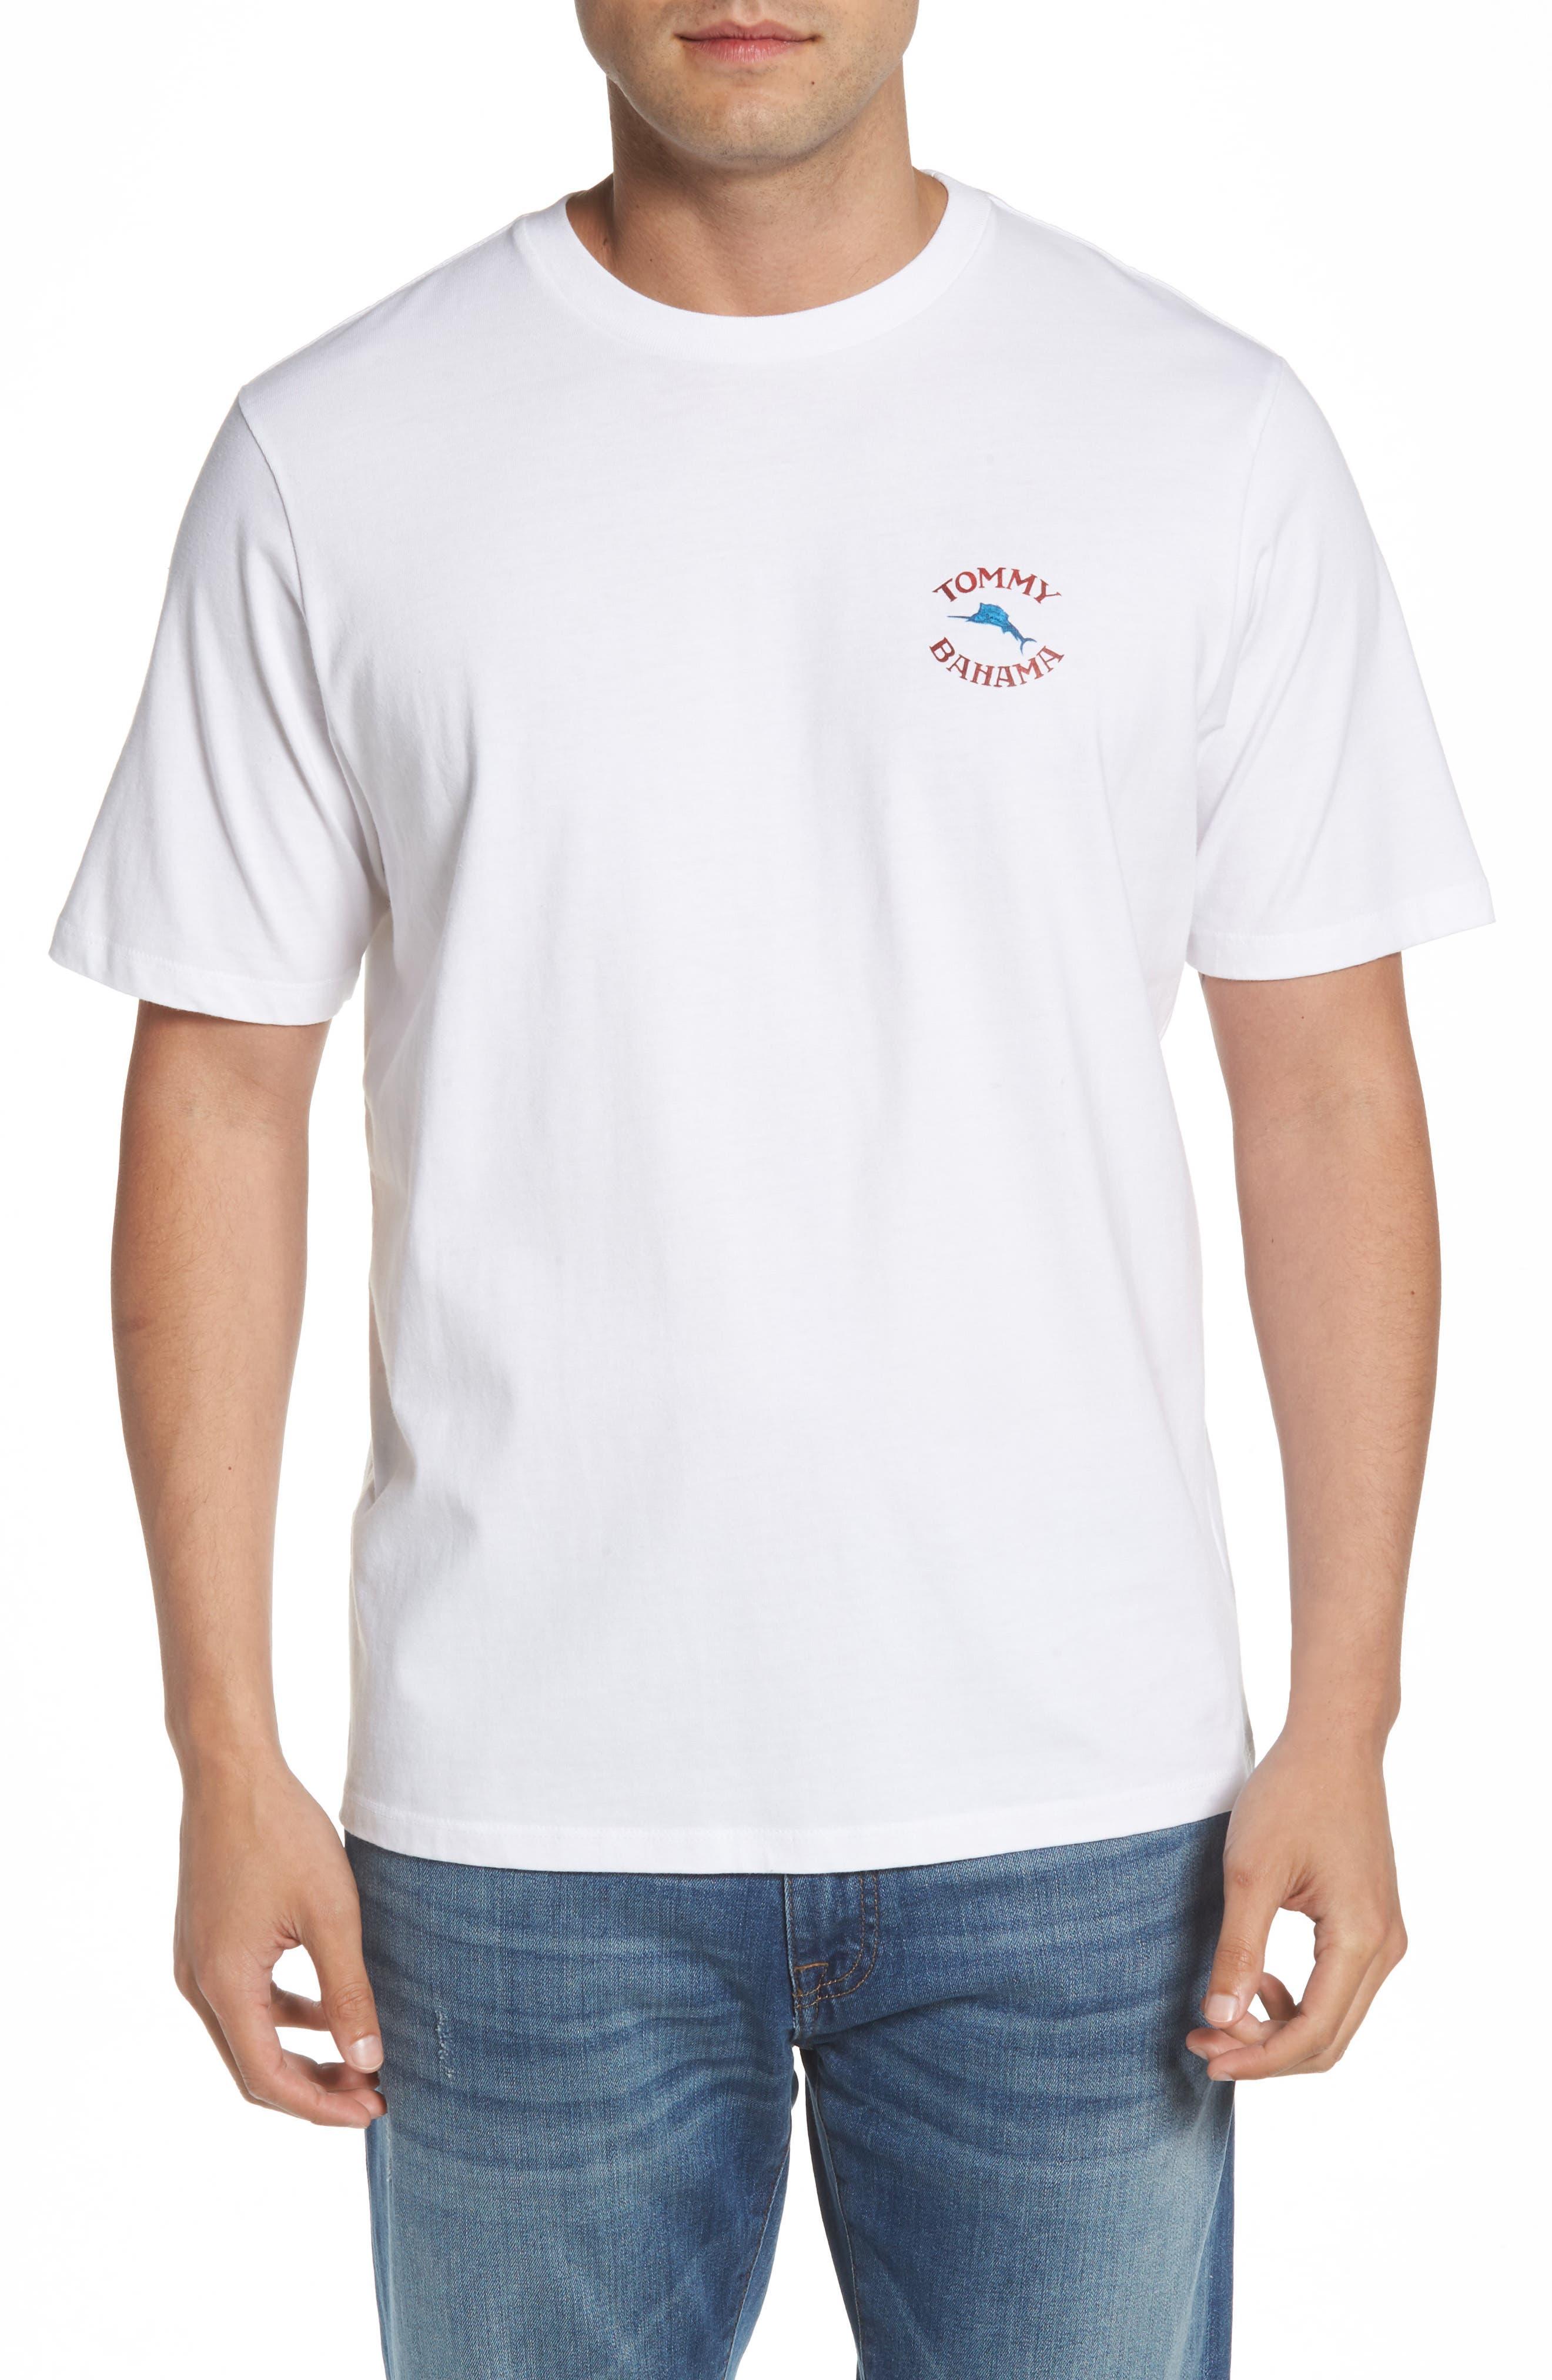 Pail-Eo Diet T-Shirt,                             Main thumbnail 1, color,                             White